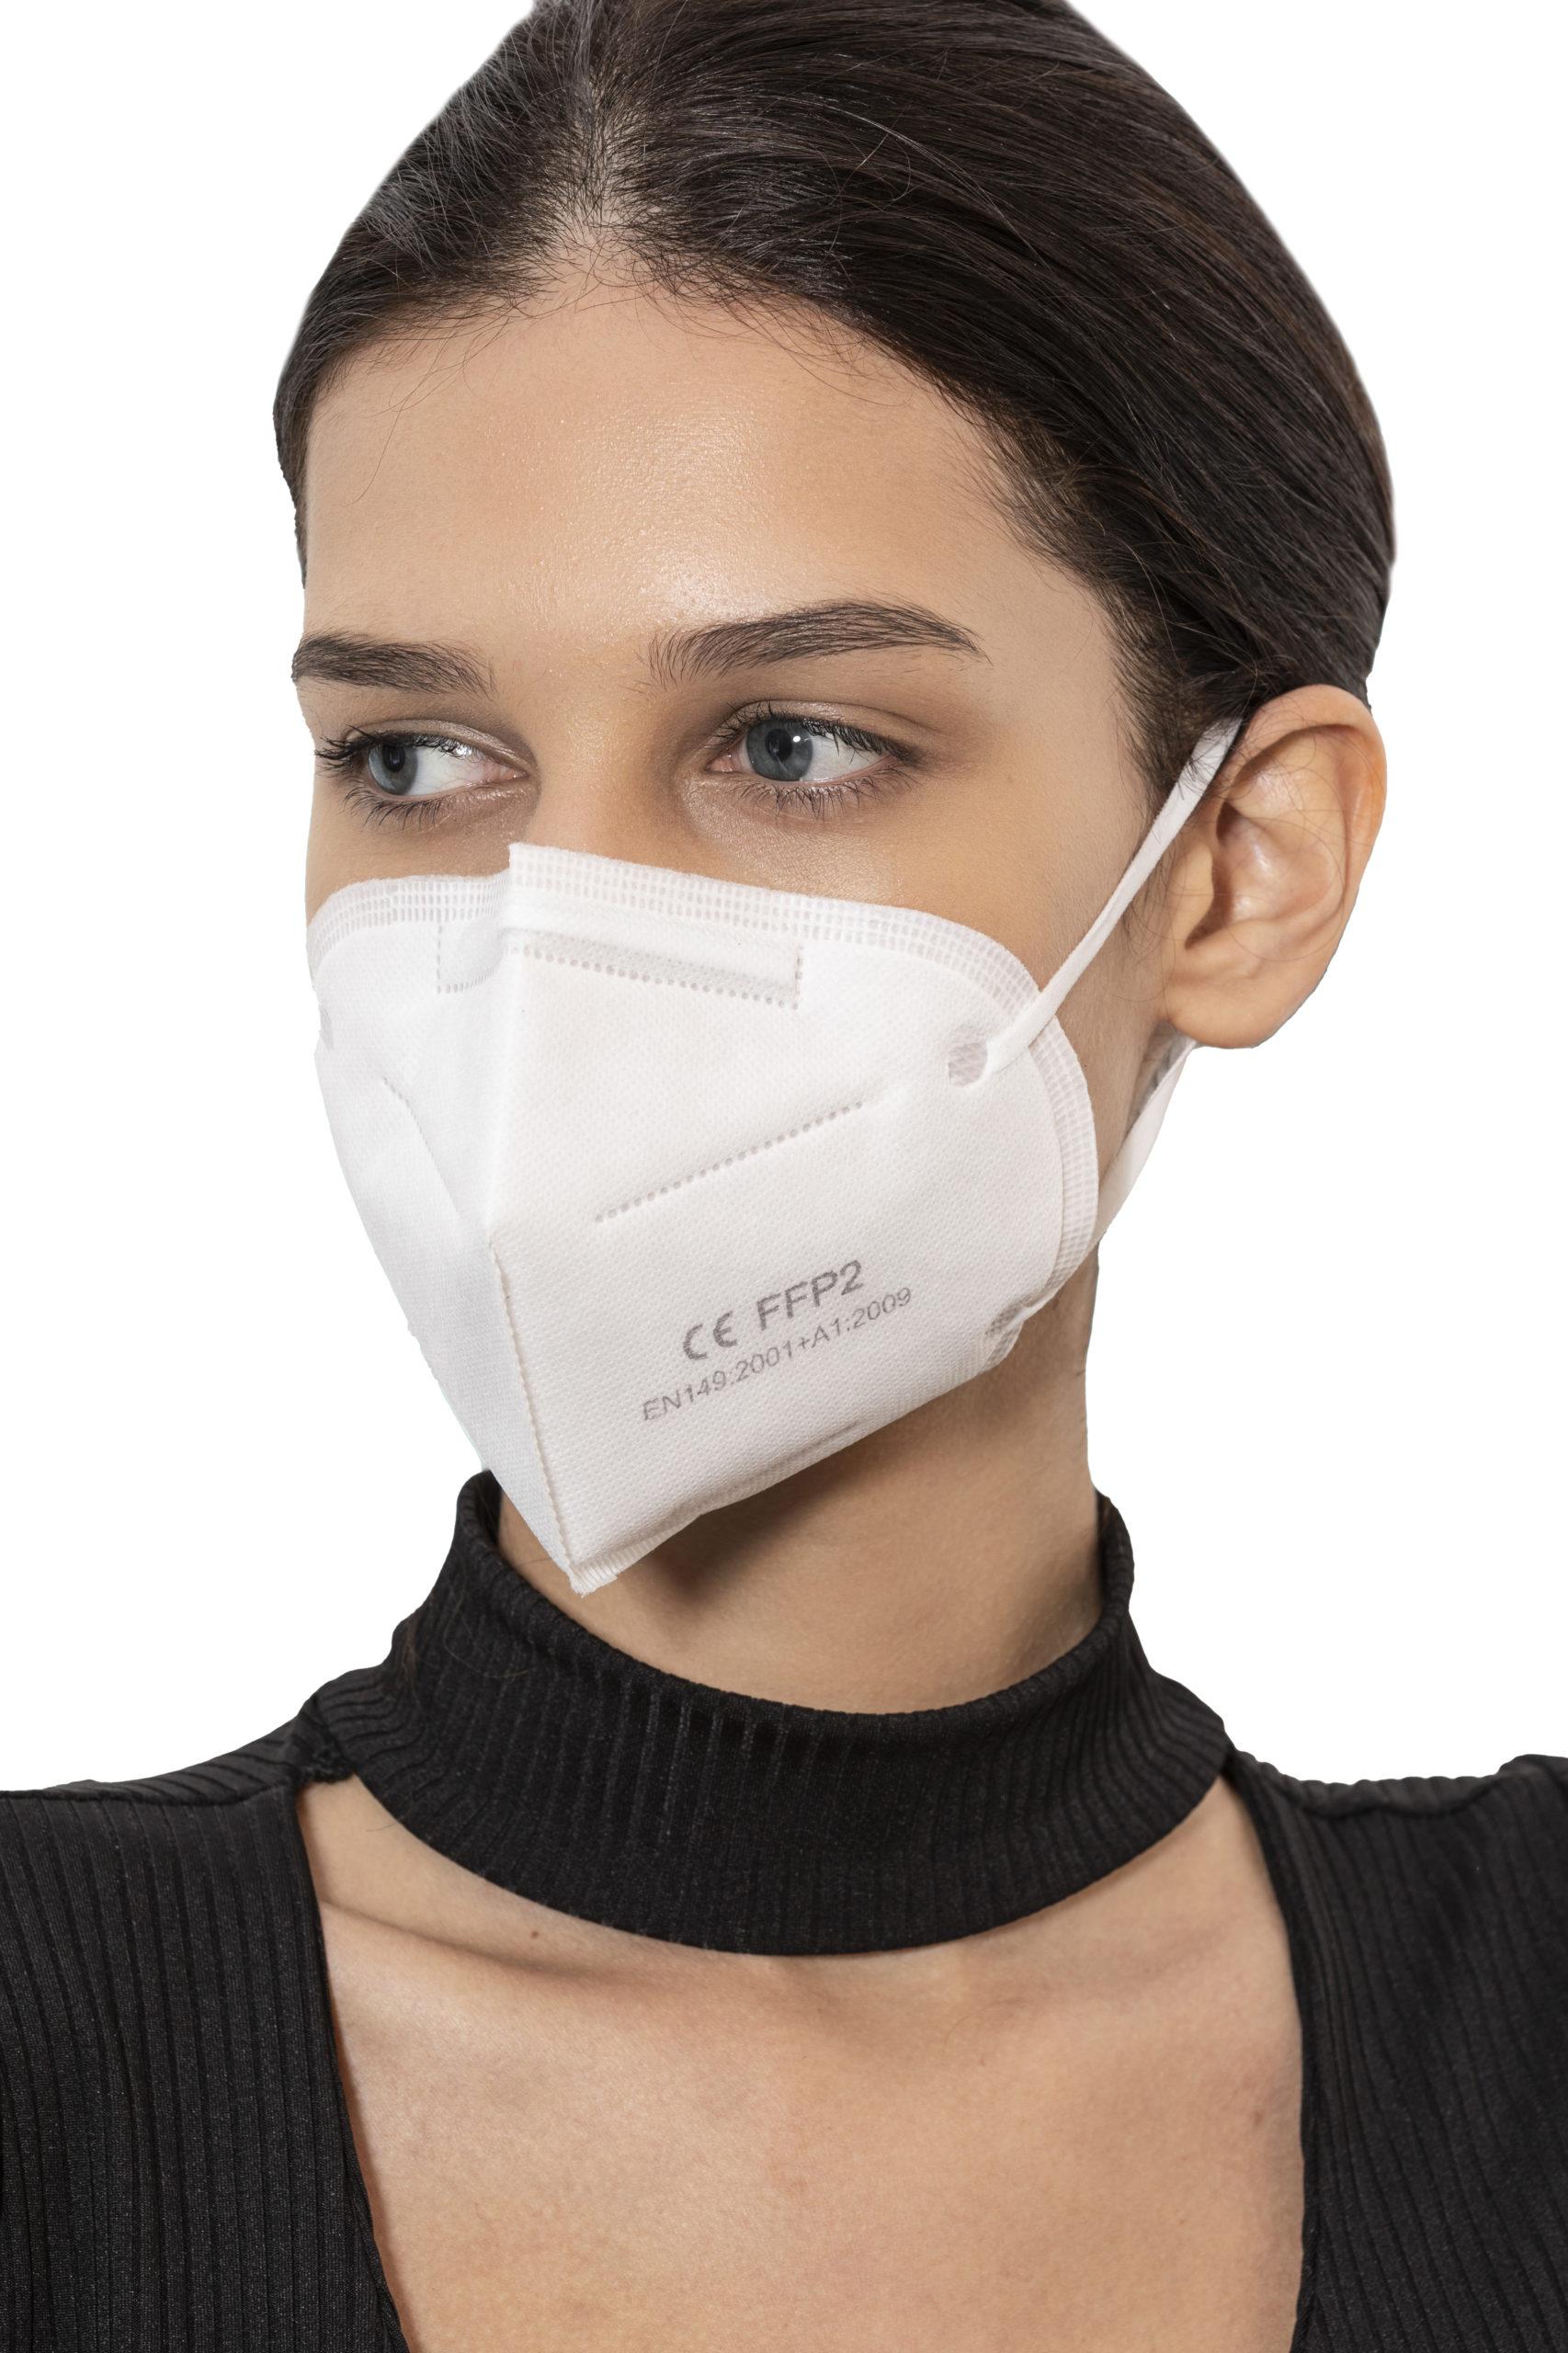 fotografia di giovane donna con mascherina FFP2 laterale